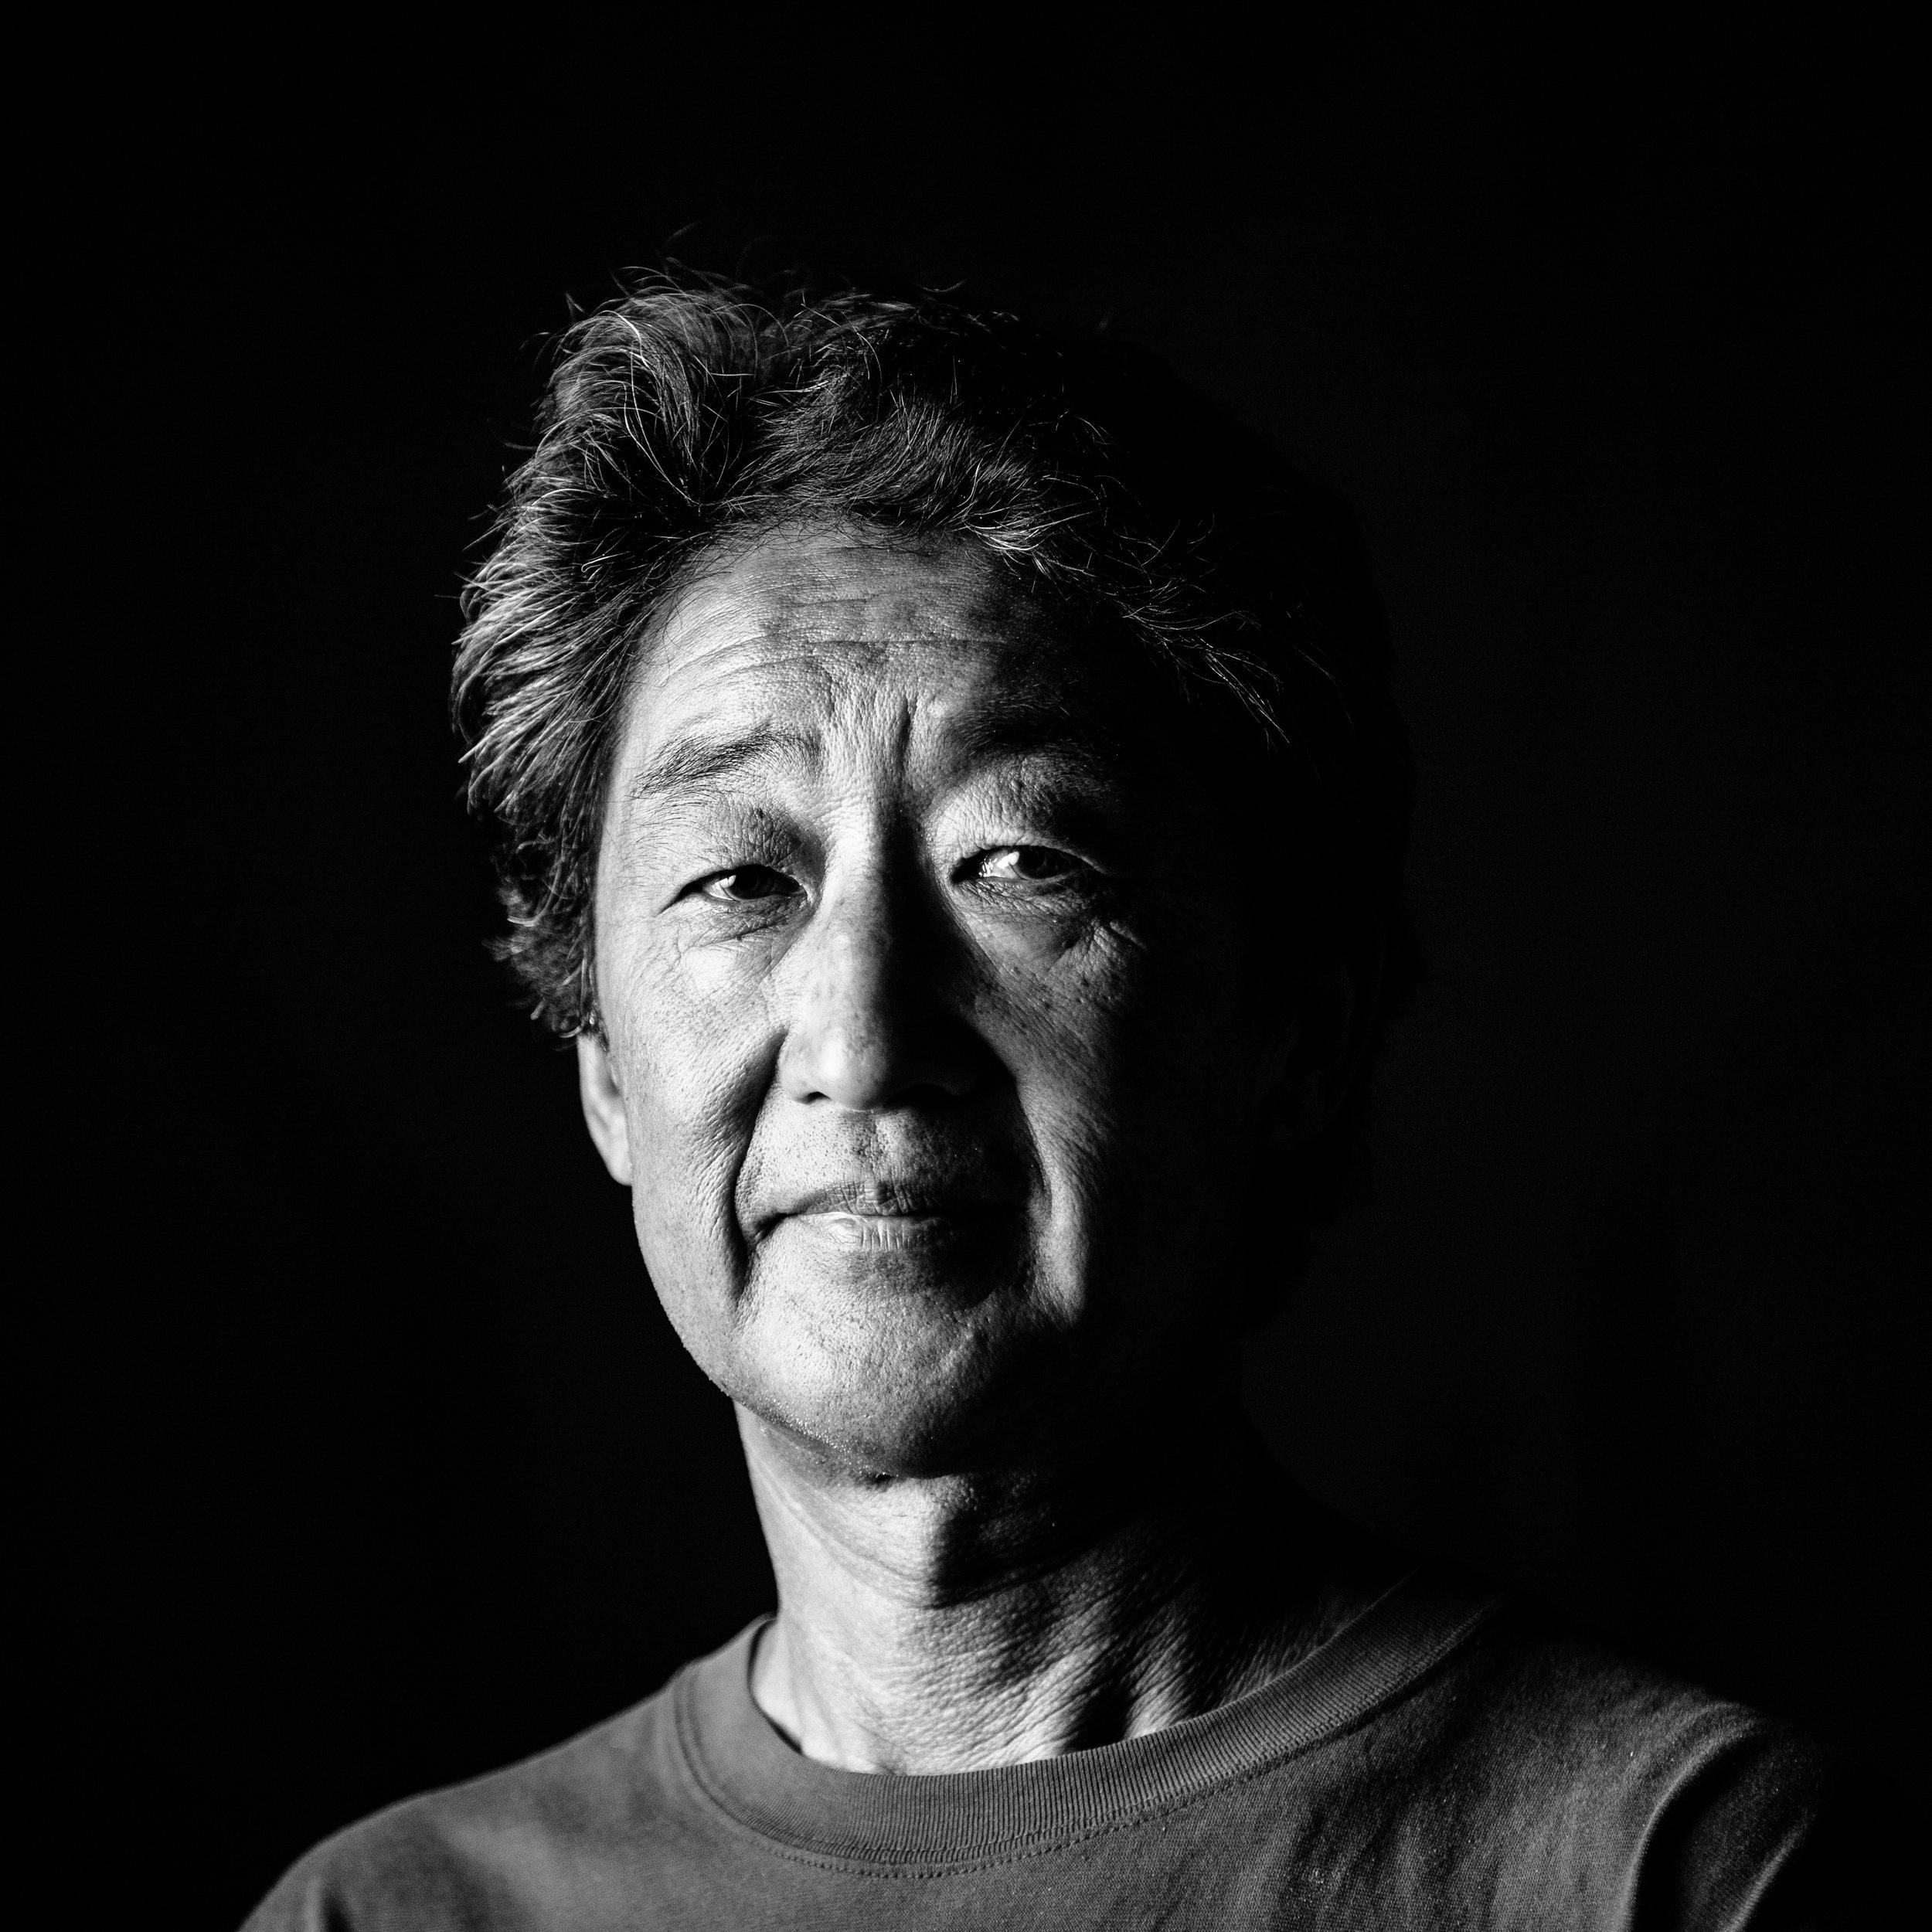 EIJI SHIOMOTO